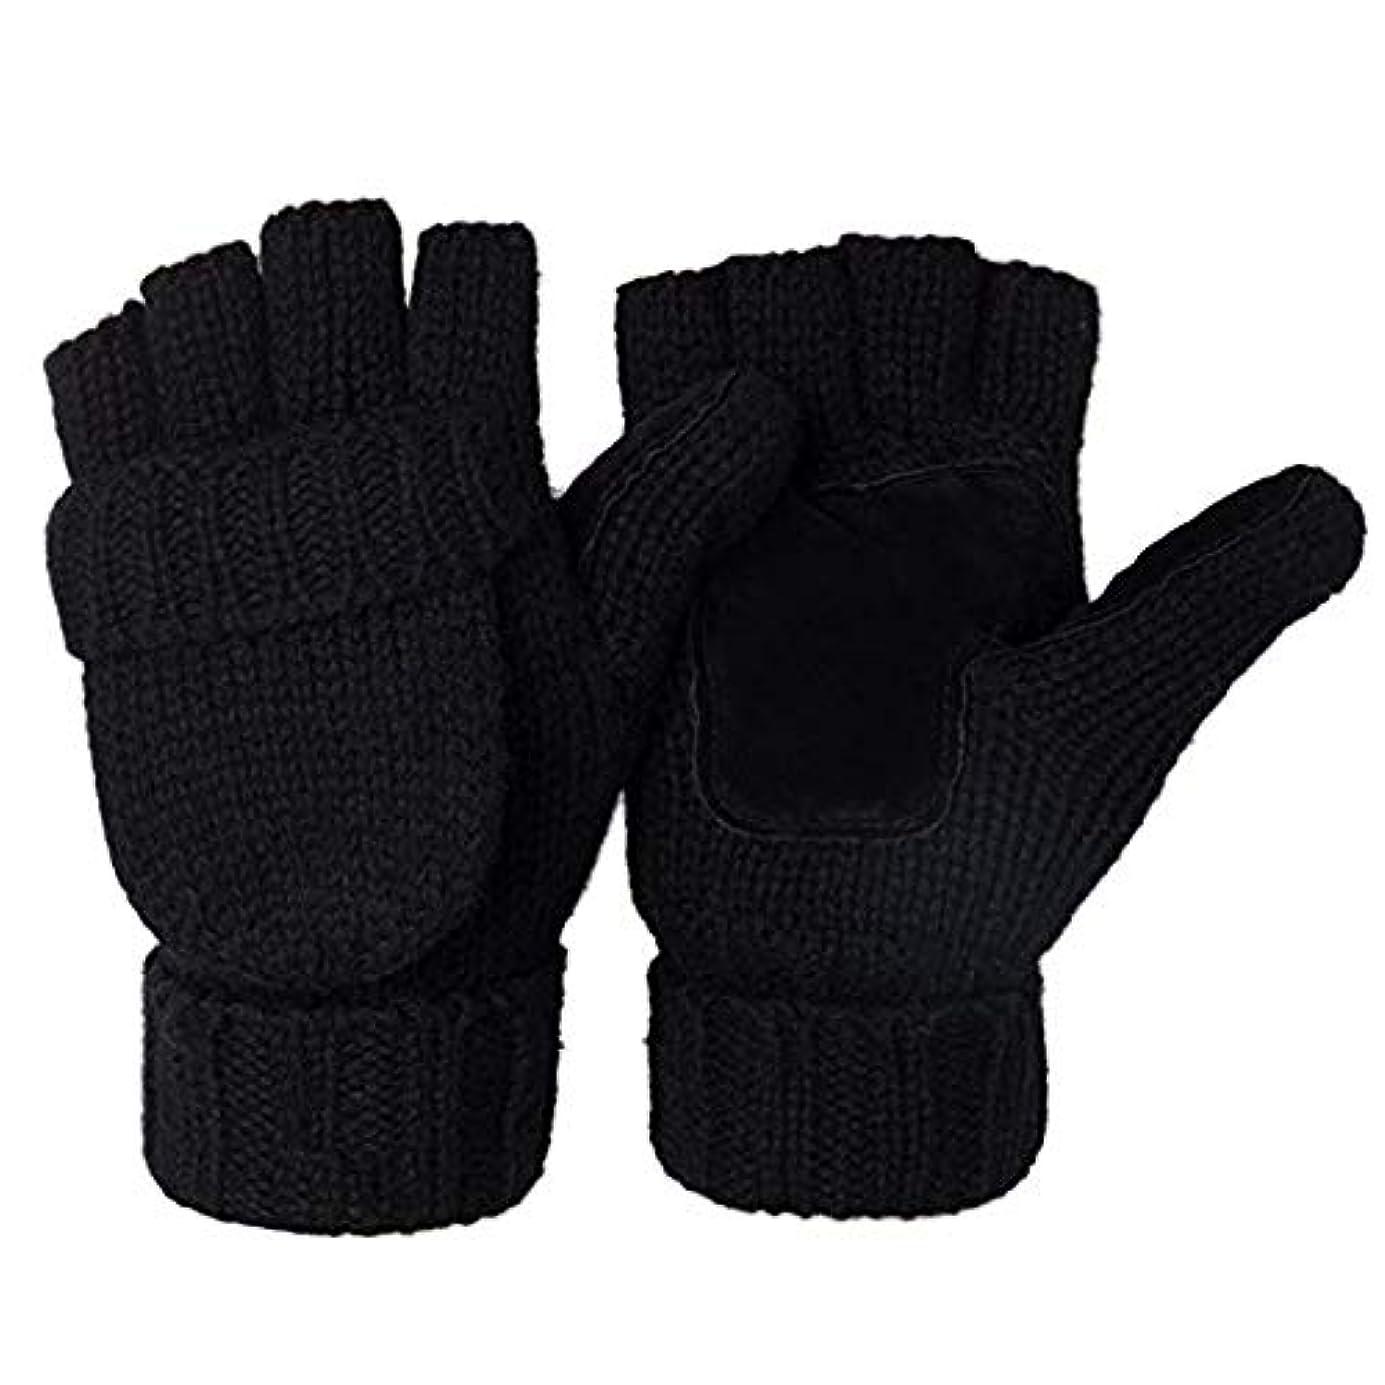 置くためにパック宴会パラダイス冬のニット指なし手袋コンバーチブルウールミトン暖かい手袋女性&男性,黒